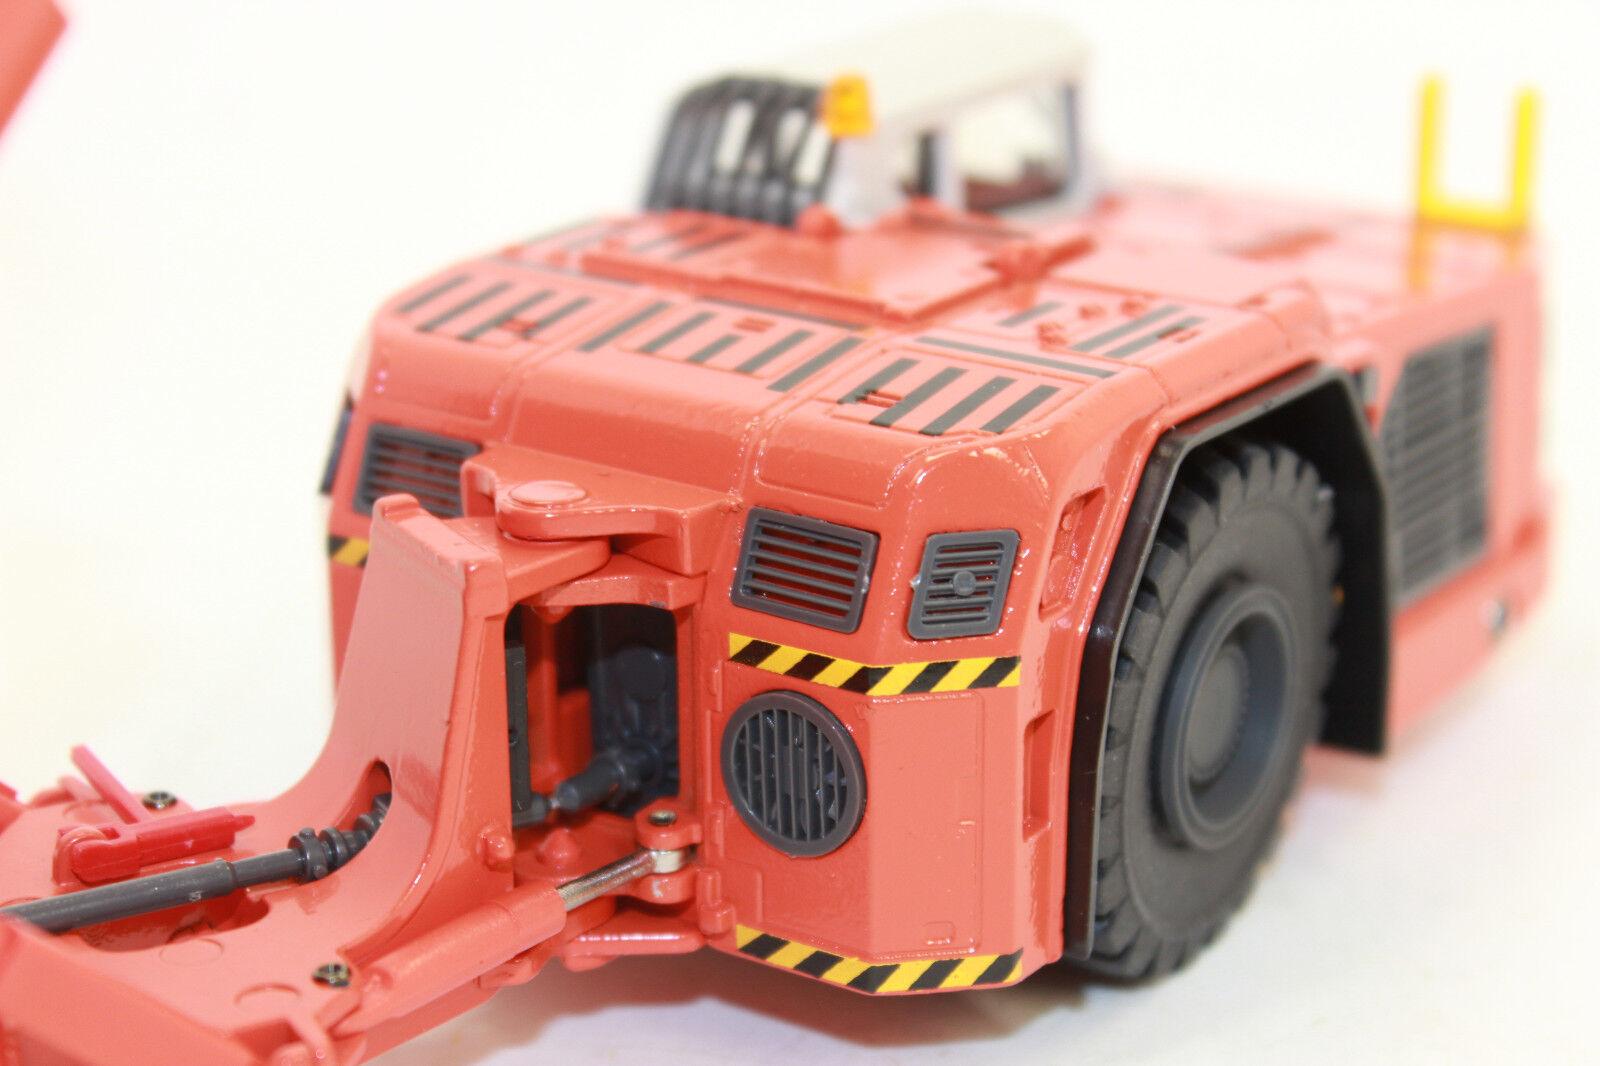 Conrad 2767 Sandvik Dumper Dumper Dumper TH 663 1 50 NEU in OVP 2c4a67